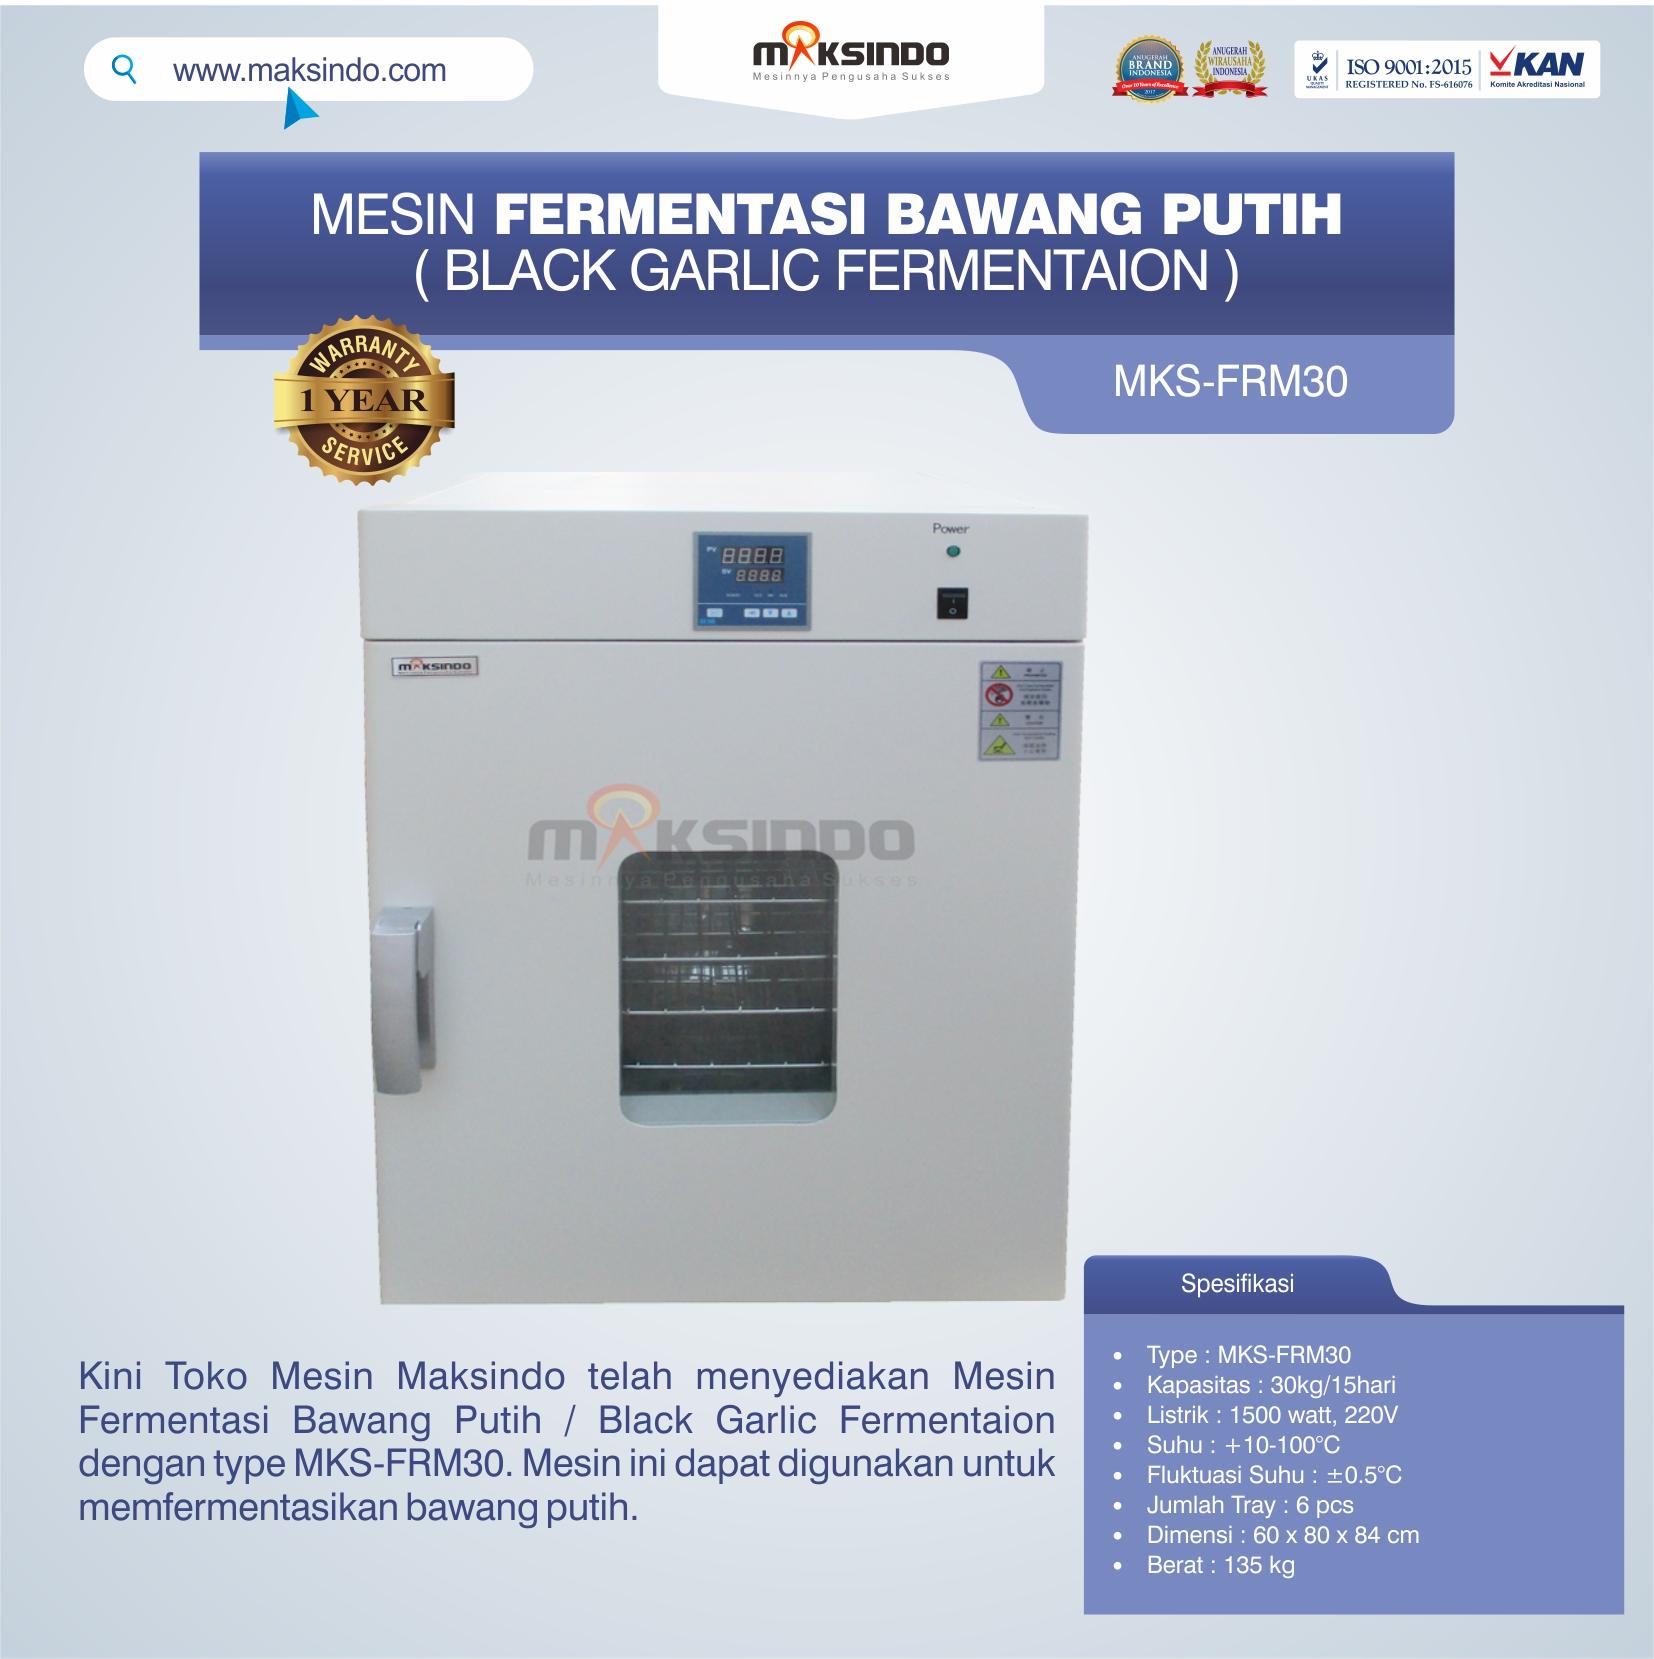 Jual Mesin Fermentasi Bawang Putih / Black Garlic Fermentaion MKS-FRM30 di Bogor